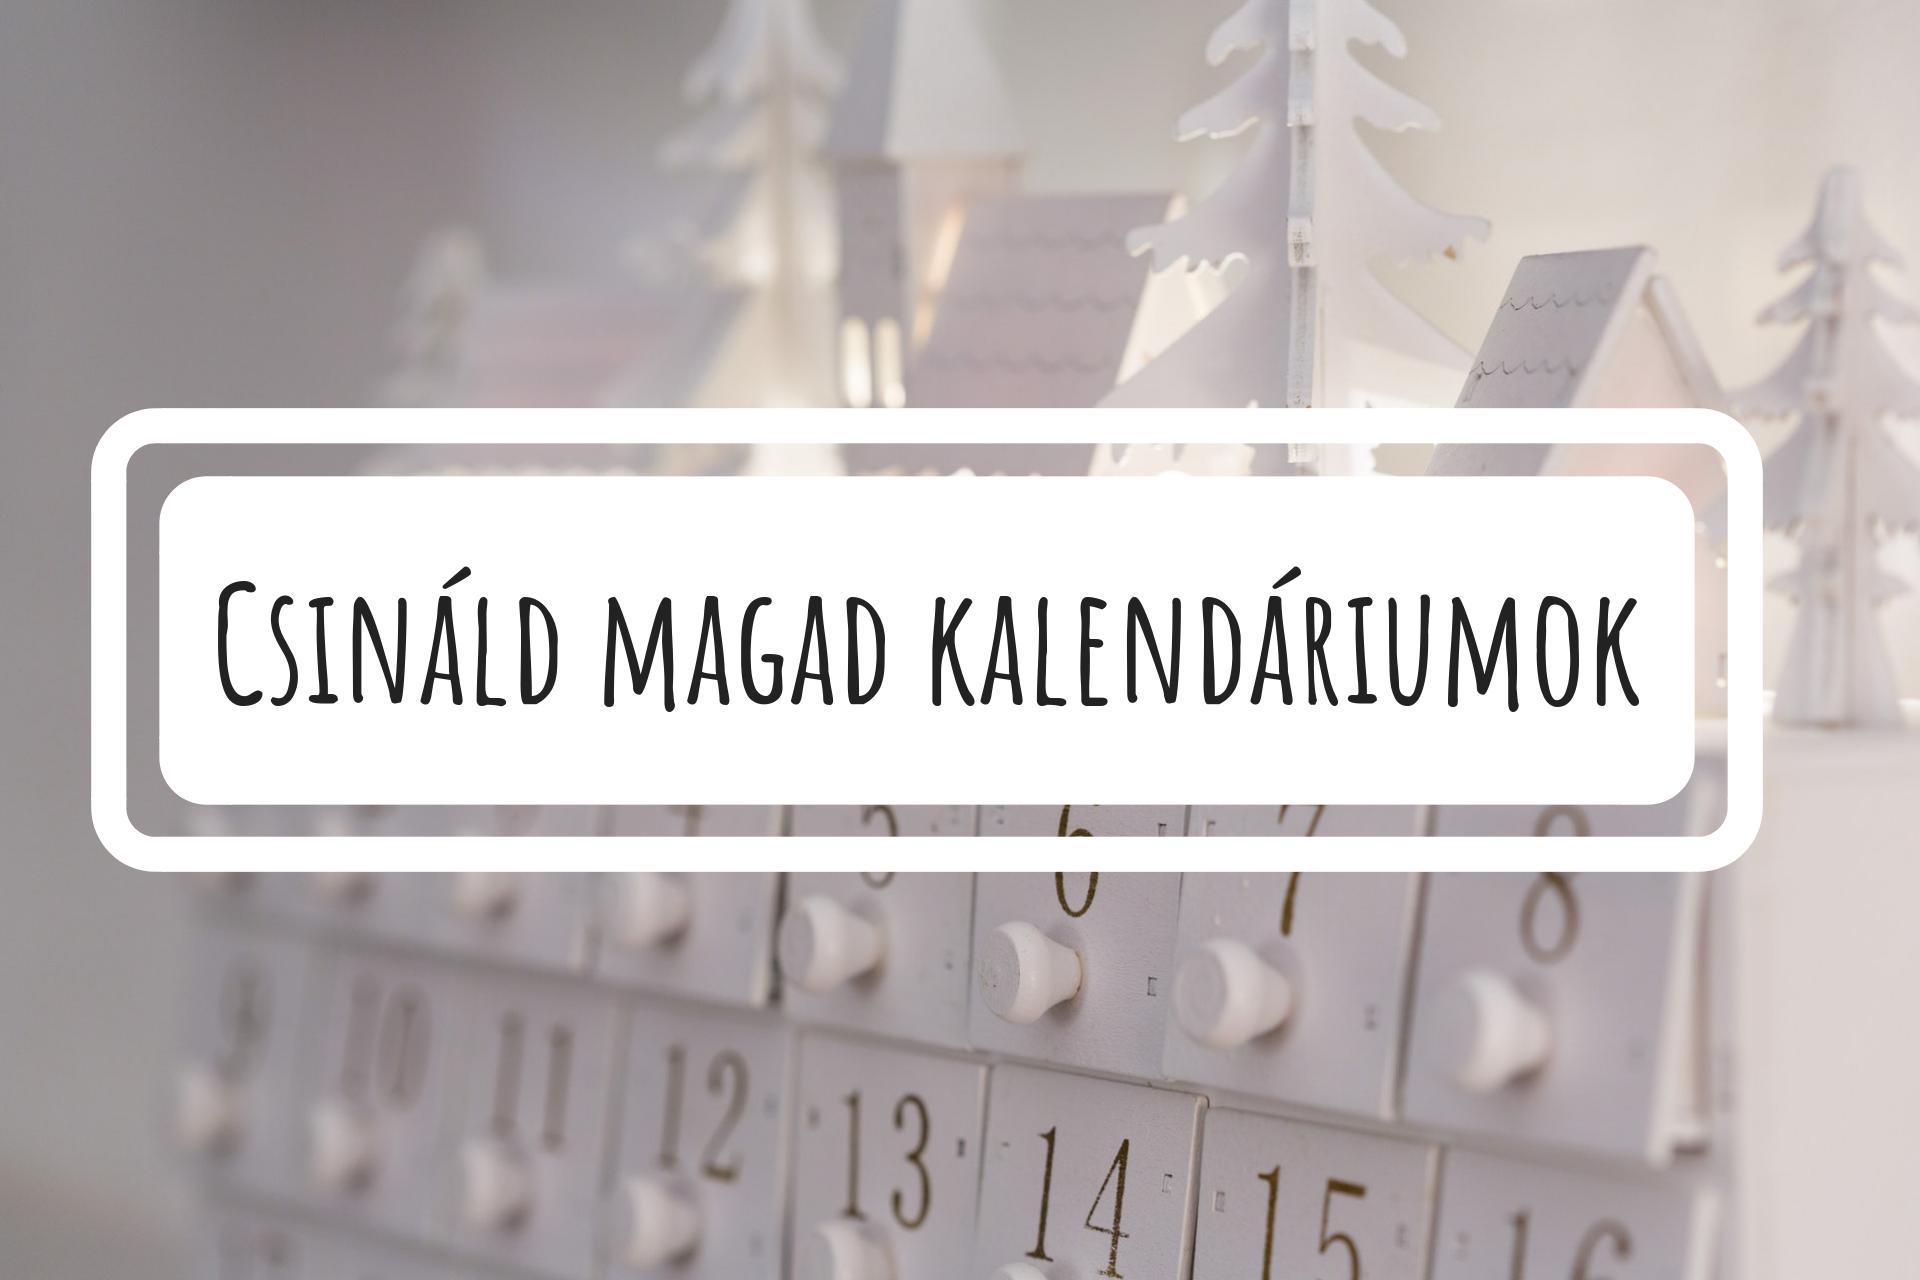 csinald_magad_kalendariumok.png